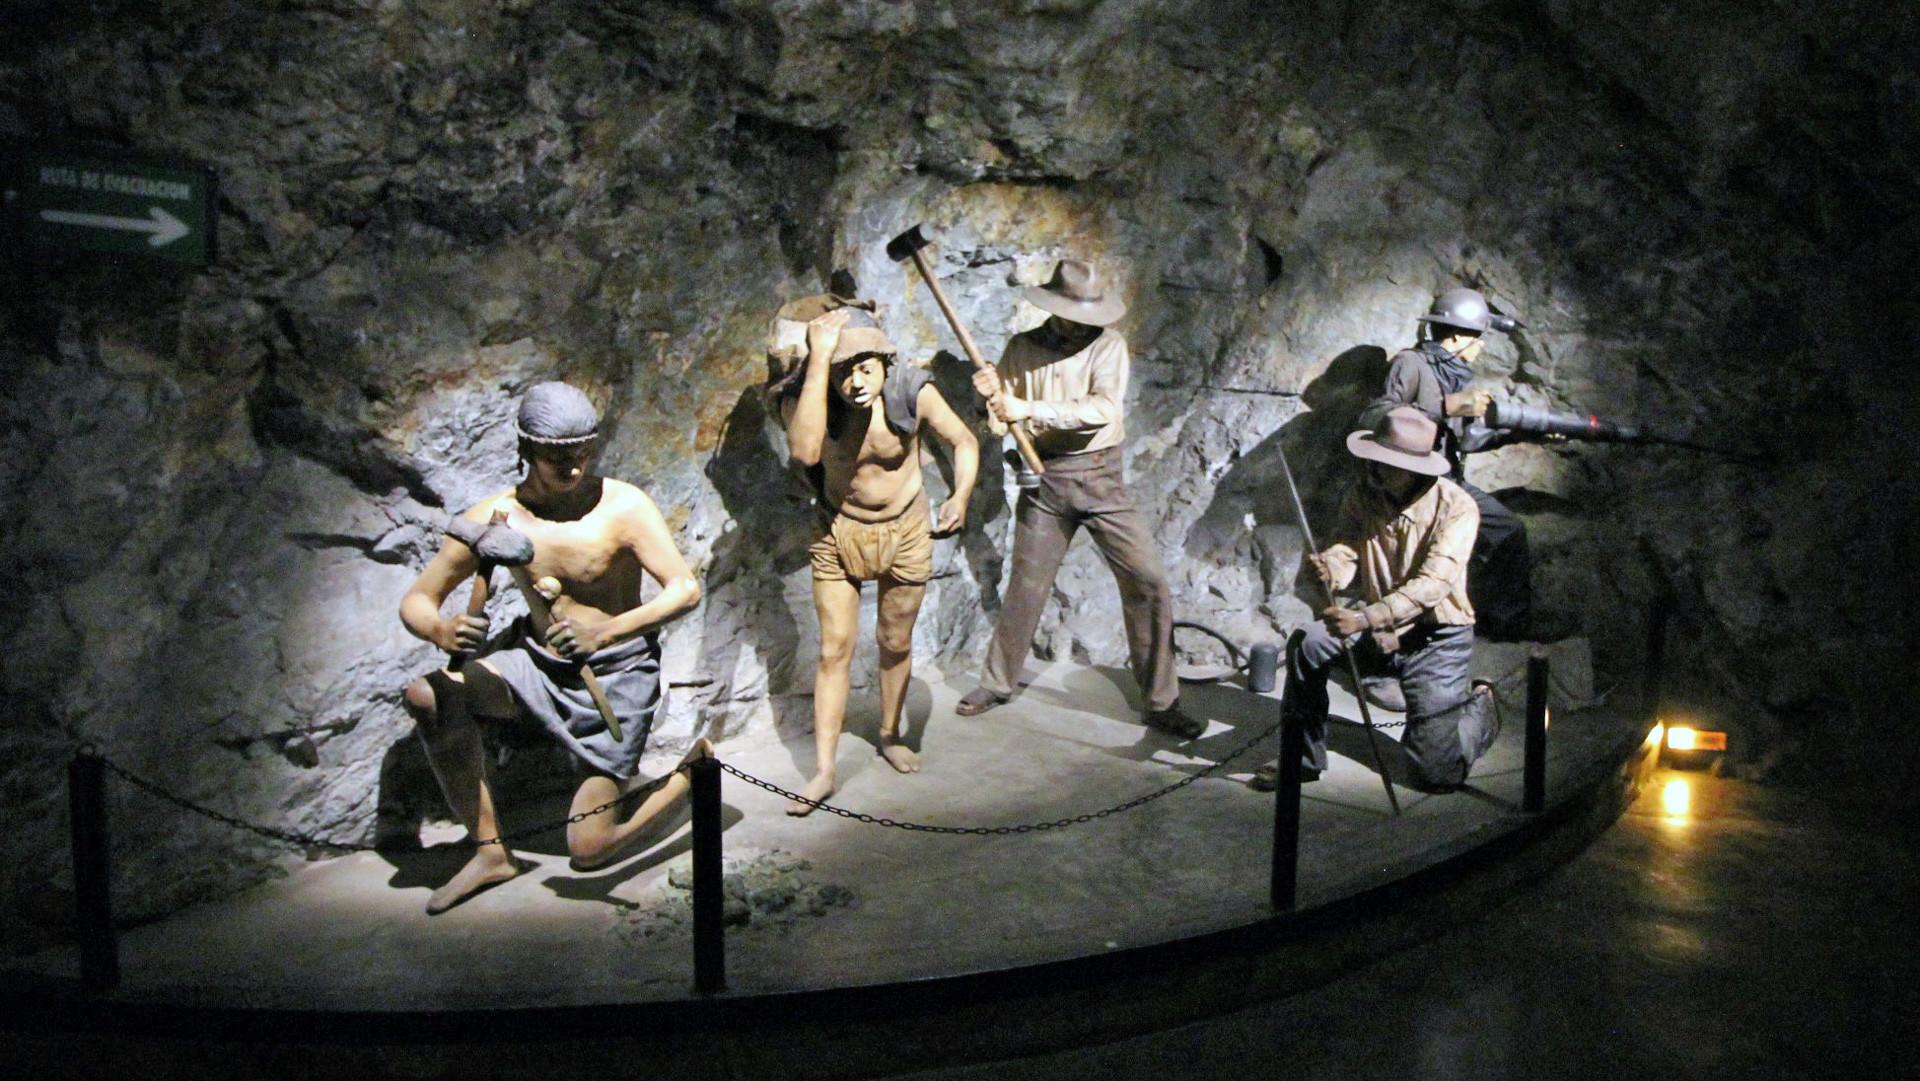 Asesinatos, despojos, trabajos precarios y peligros: Así es la explotación minera en México